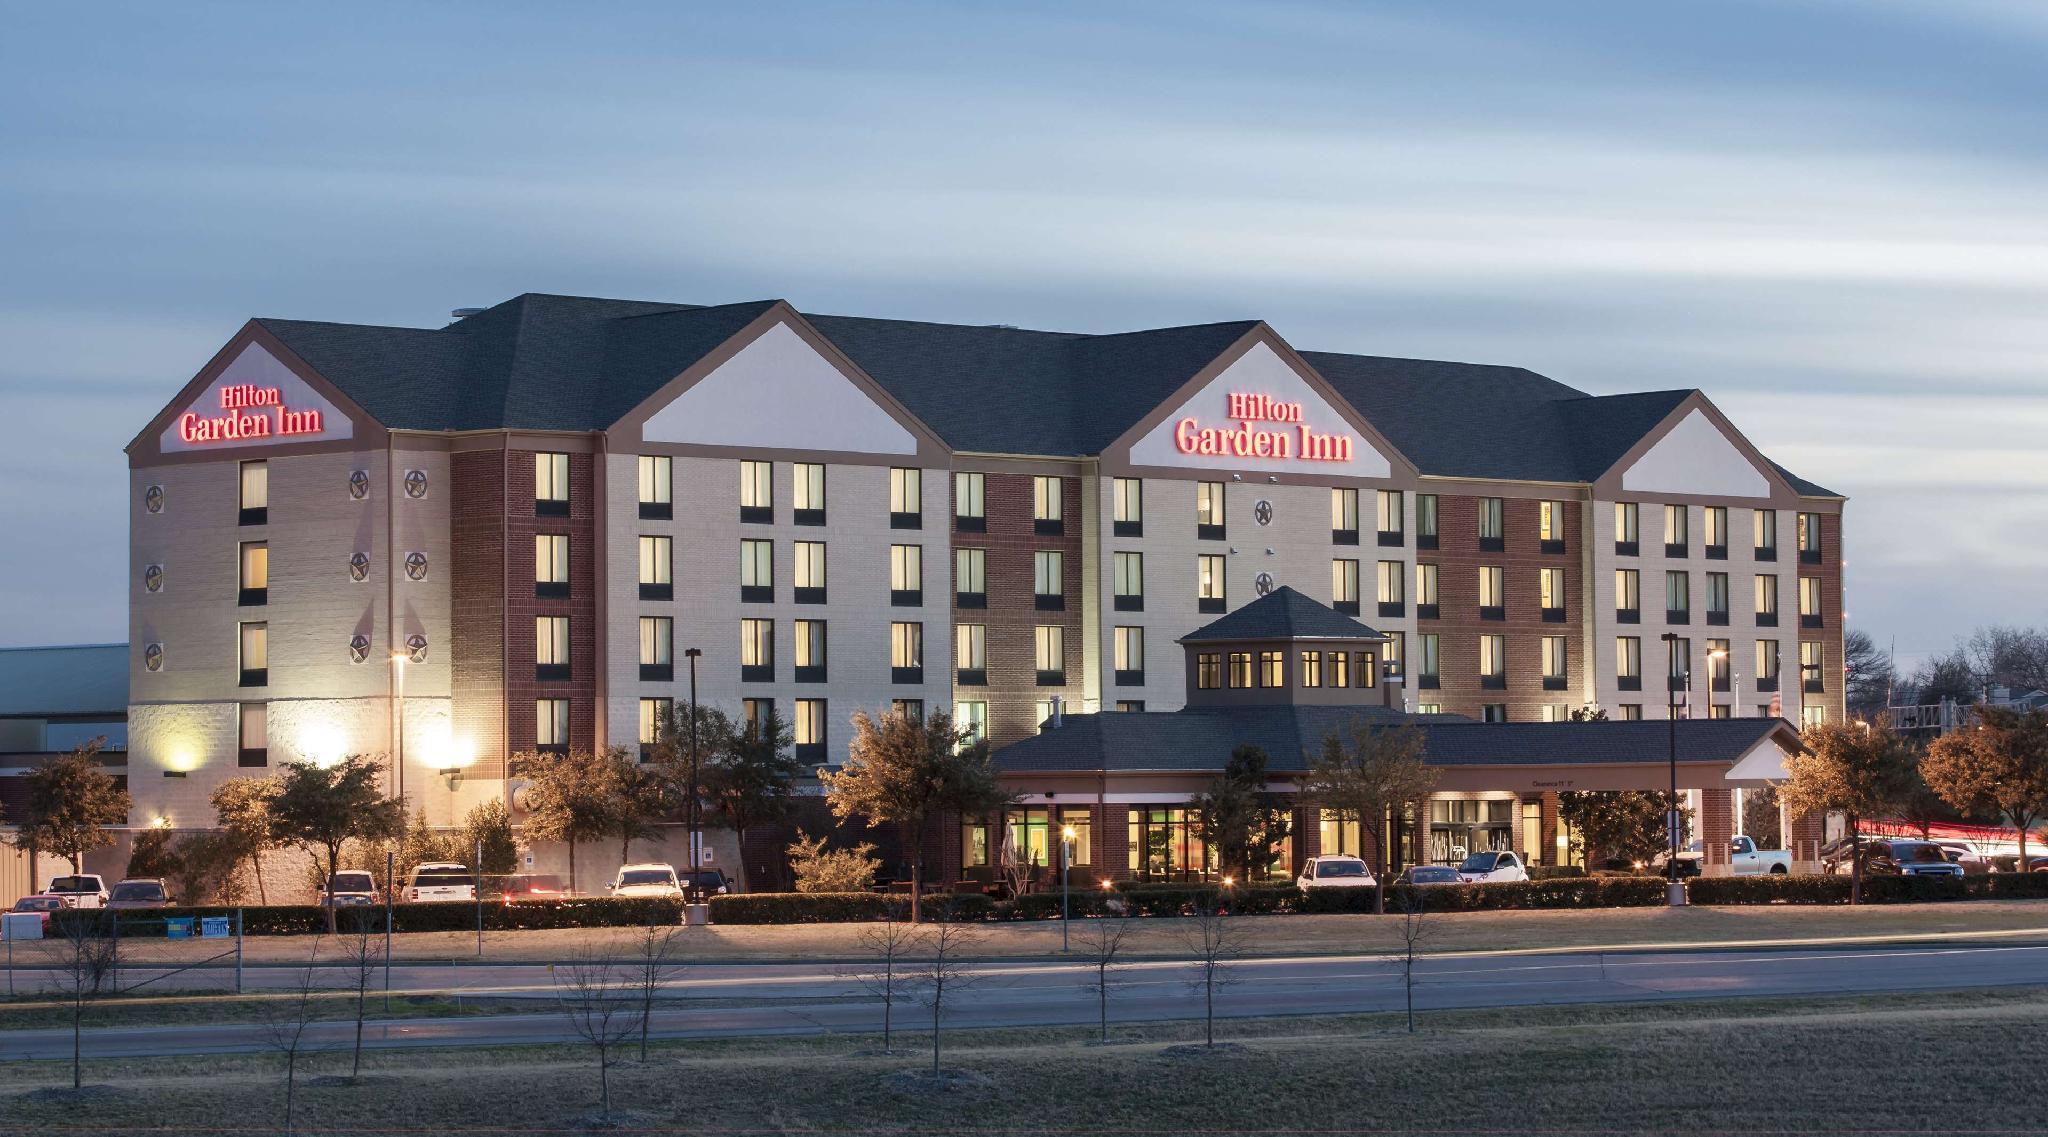 Hilton Garden Inn Dallas Duncanville